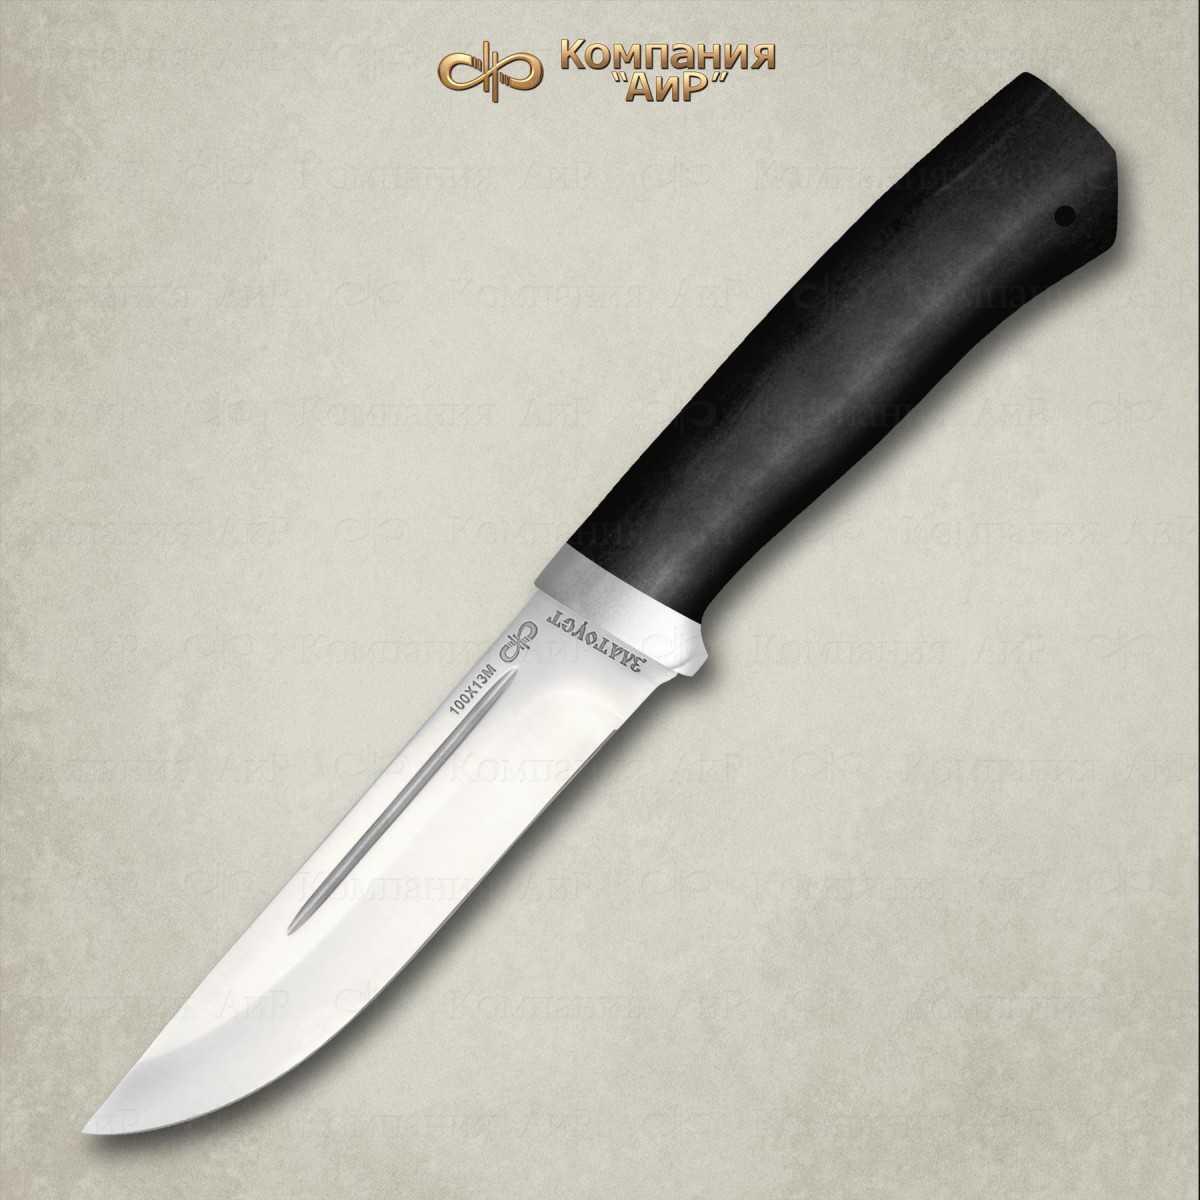 Нож Бекас, 95х18, граб, АиР нож барибал 95х18 орех аир